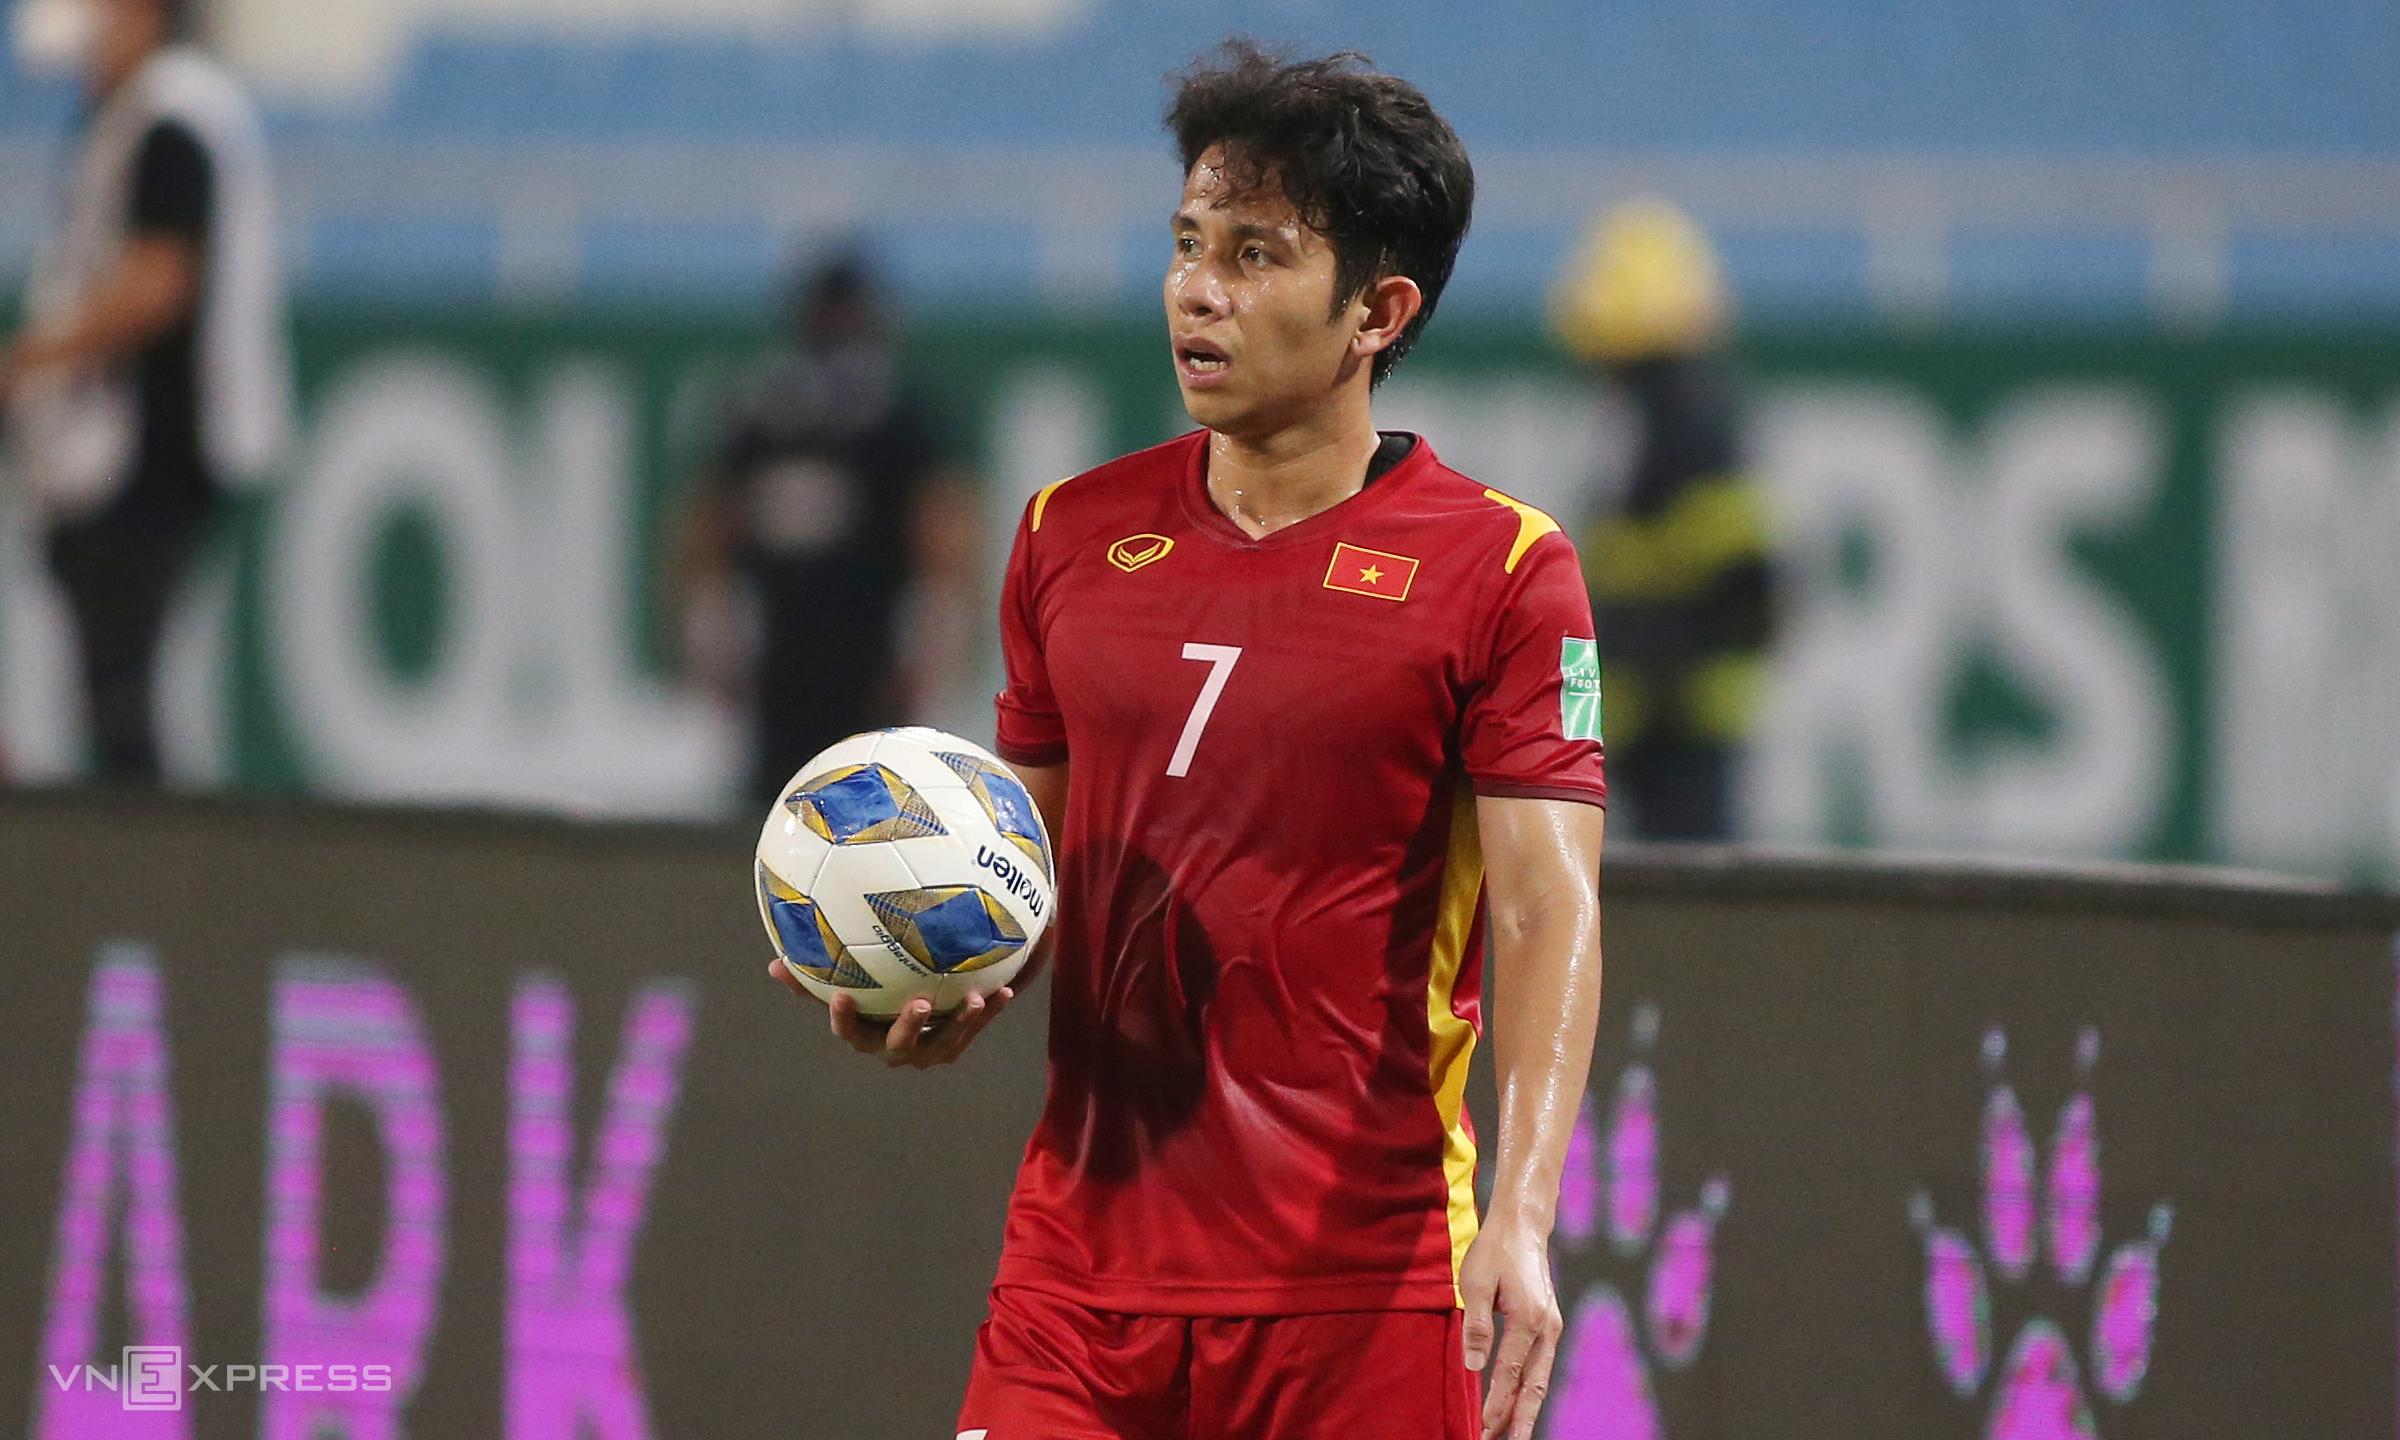 Nếu xuất phát trước Trung Quốc, Hồng Duy sẽ lần đầu đá chính hai trận liên tiếp ở những giải chính thức cho Việt Nam dưới thời Park Hang-seo. Ảnh: Lâm Thoả